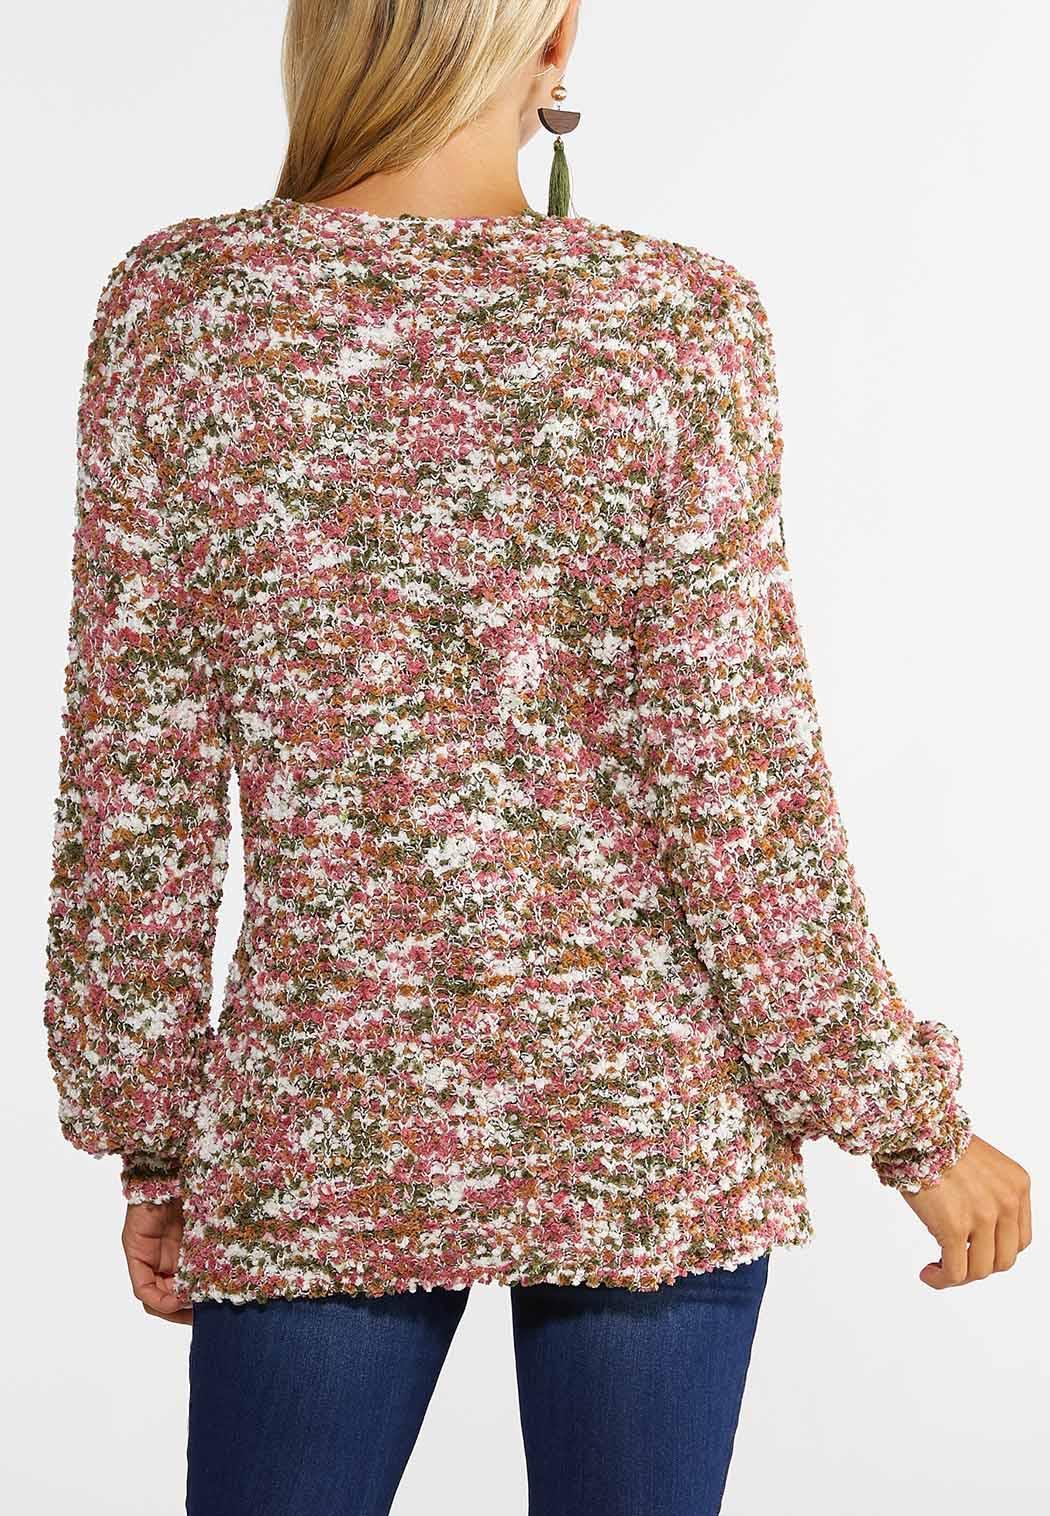 Rose Olive Marled Tunic Sweater (Item #44386636)